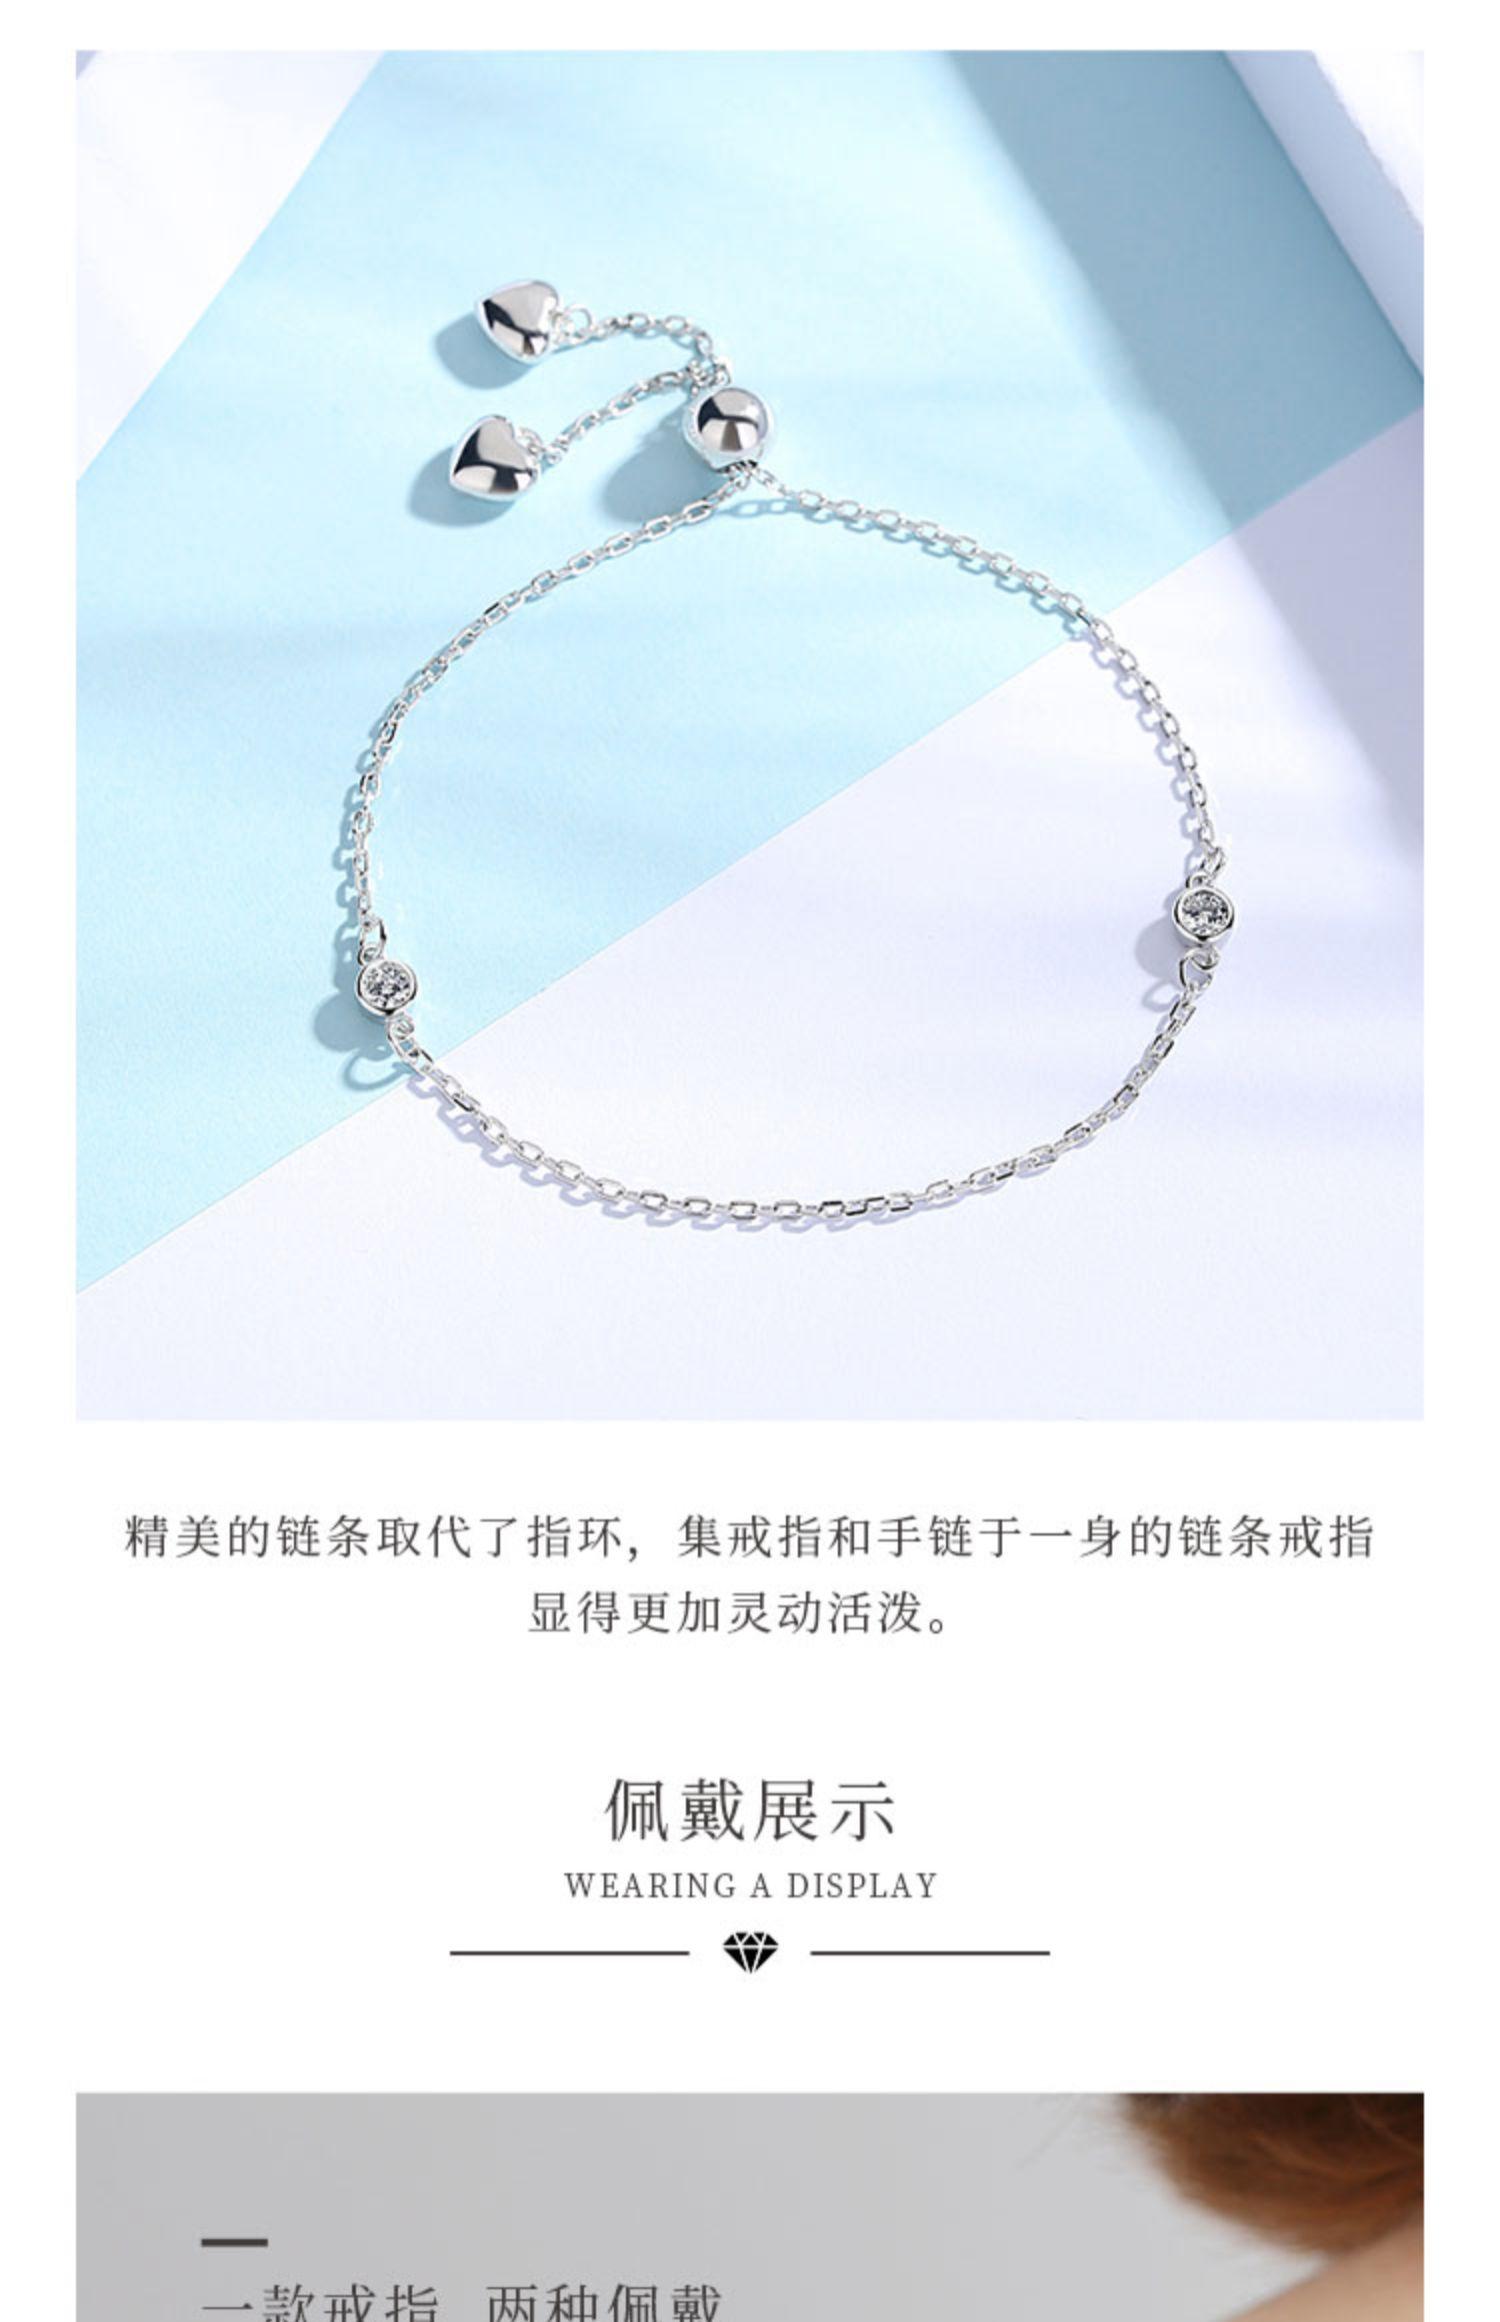 伍玥 925银小众设计戒指手链两用折叠手环一体软链收缩手镯链条60商品详情图